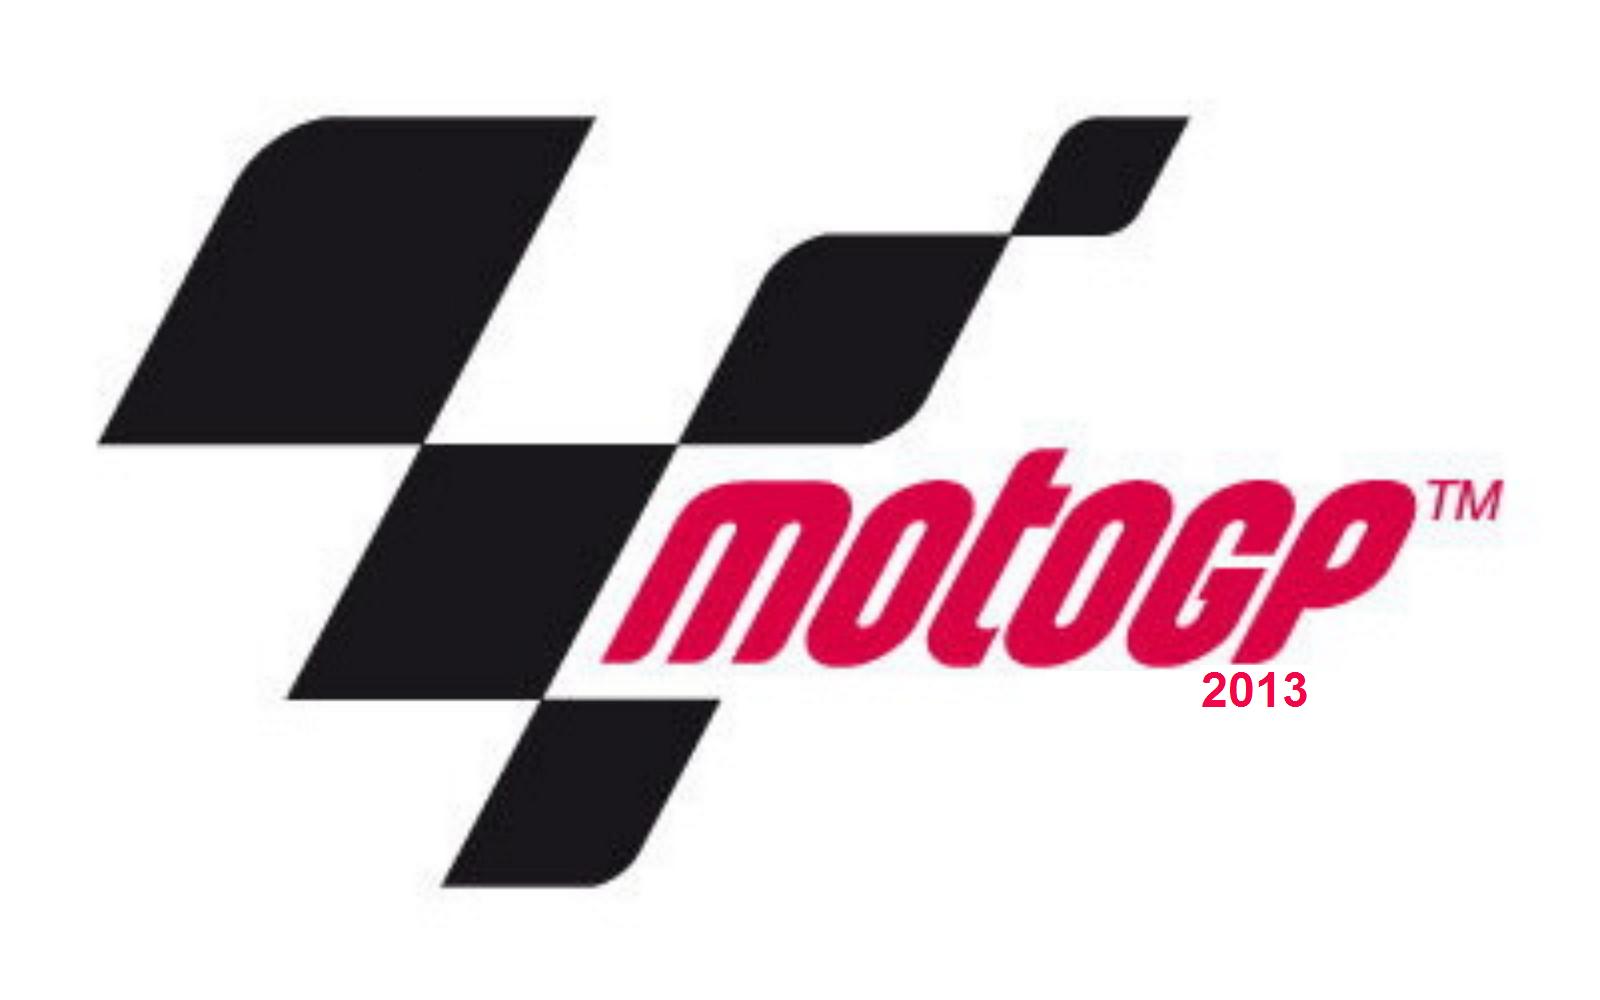 Jadwal Motogp 2013 Live di Trans7 Lengkap